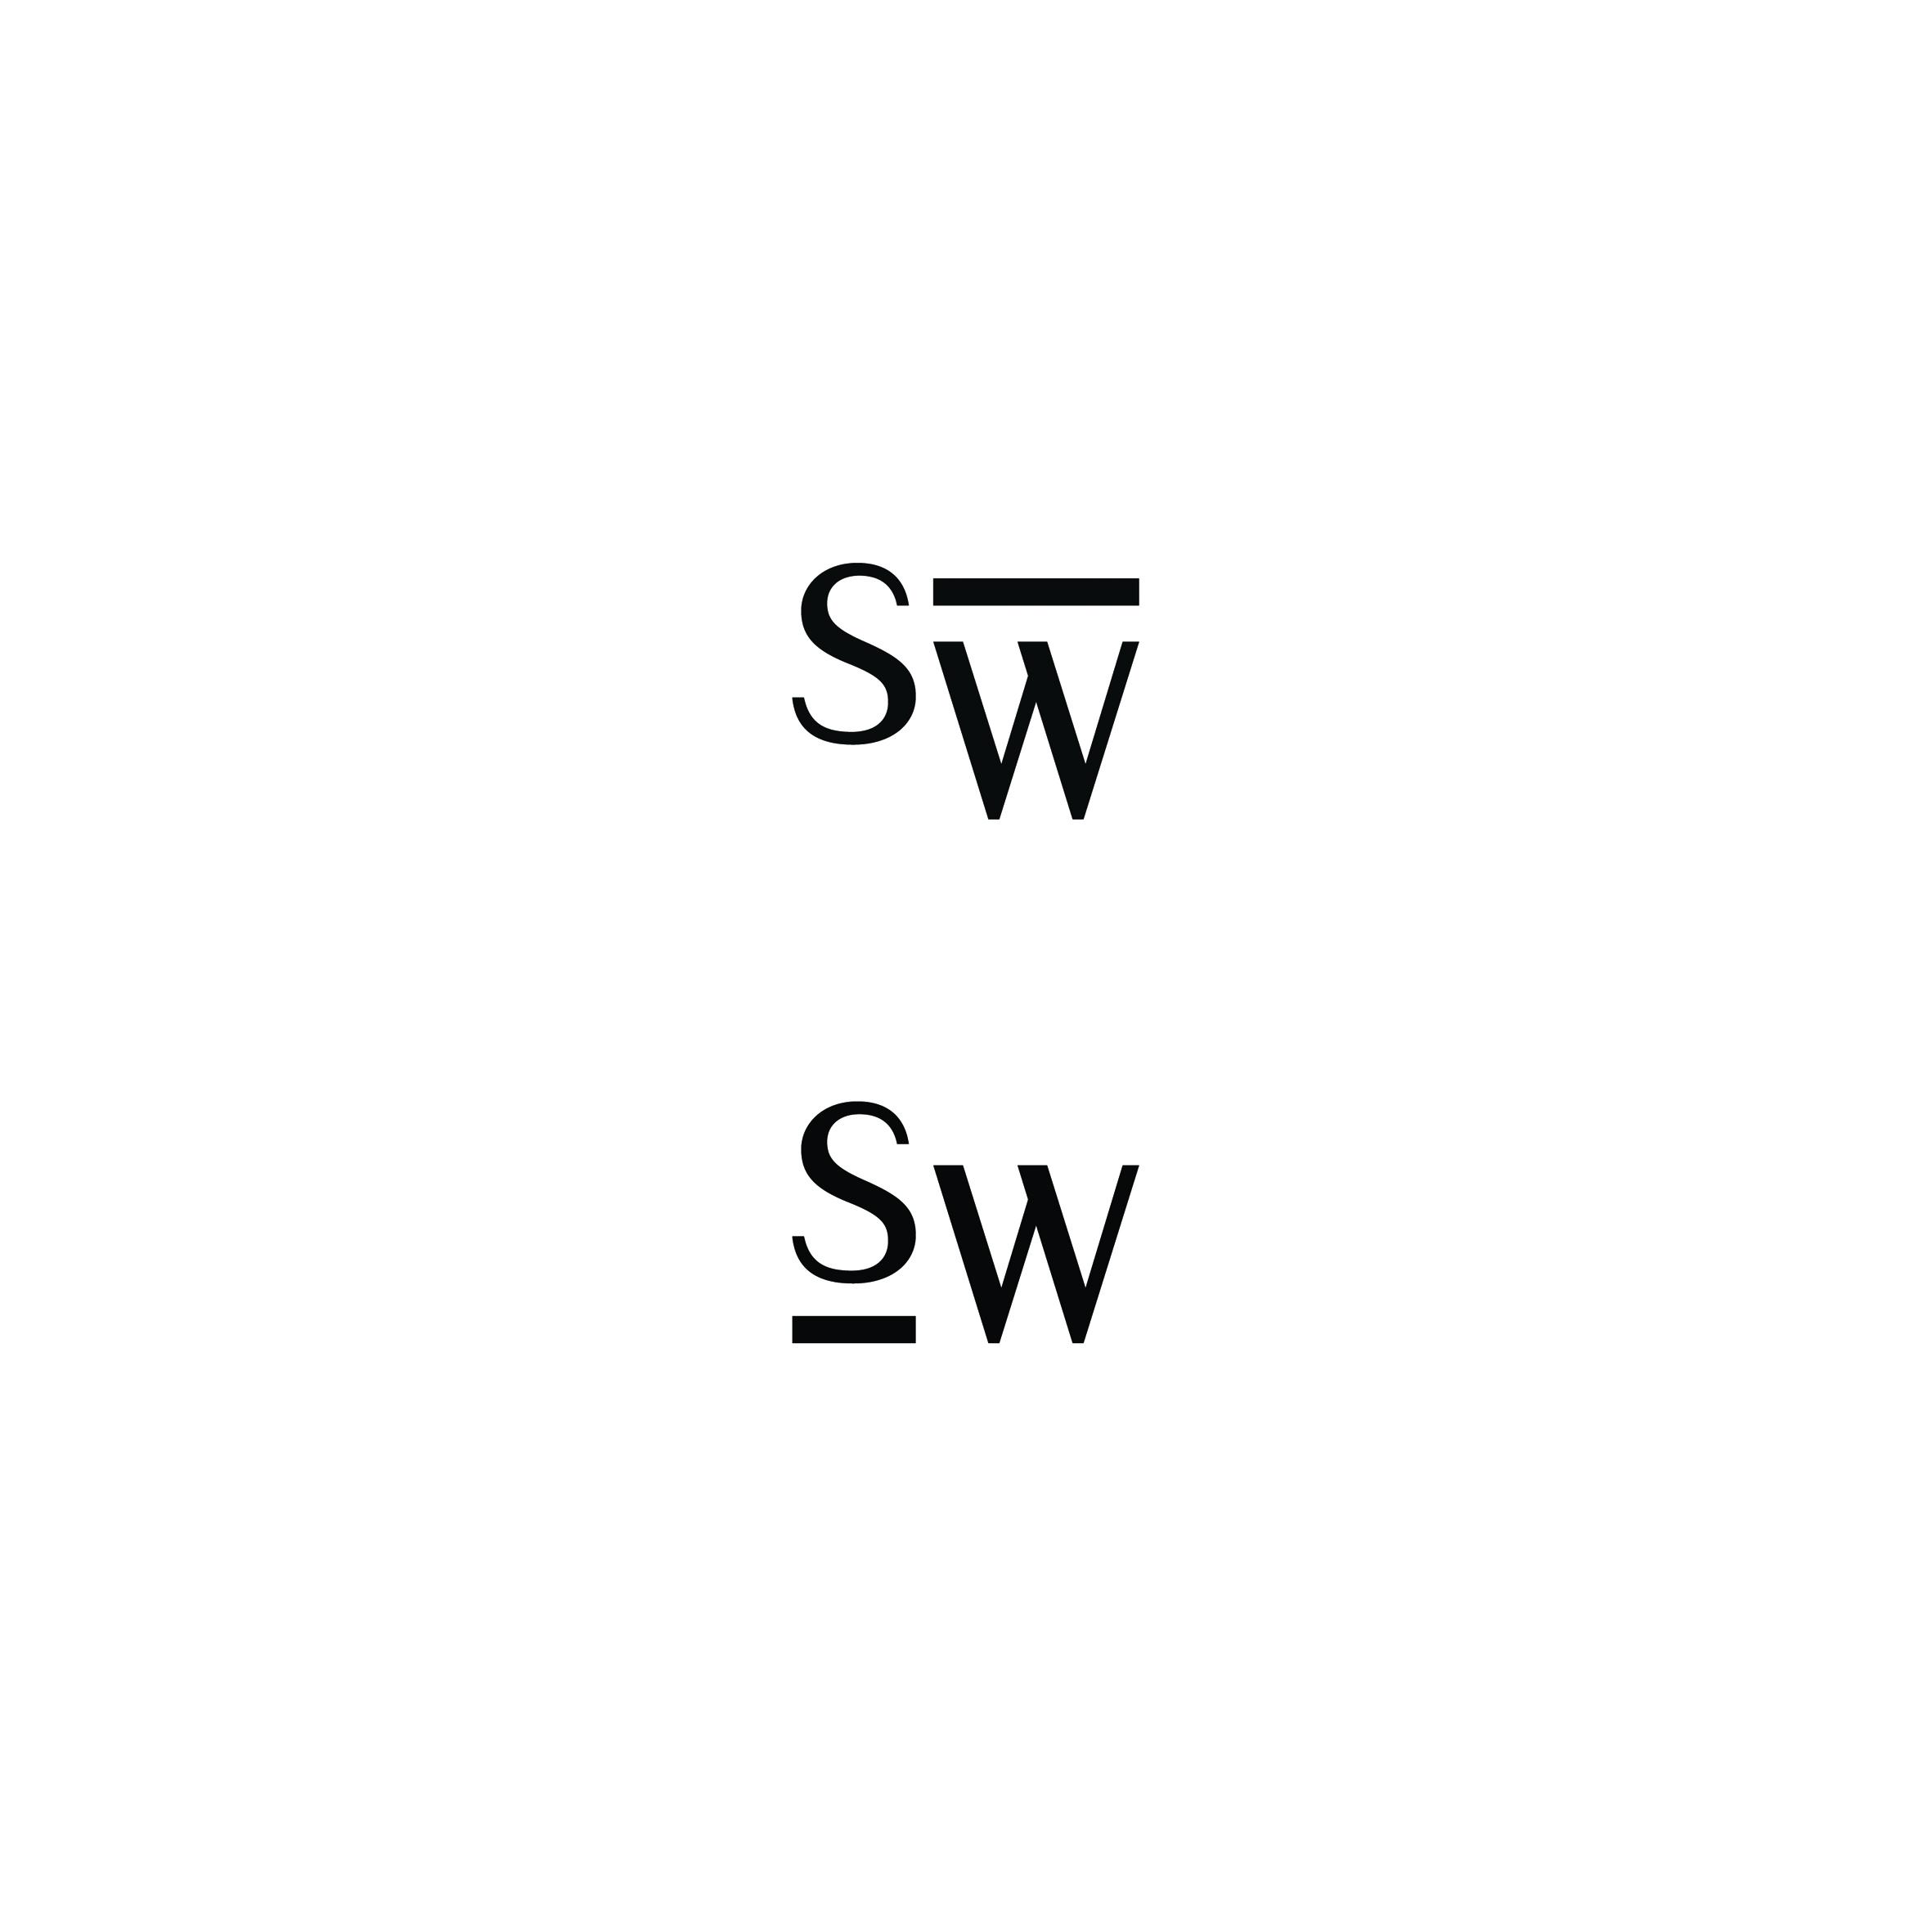 SWI-Iconb.jpg